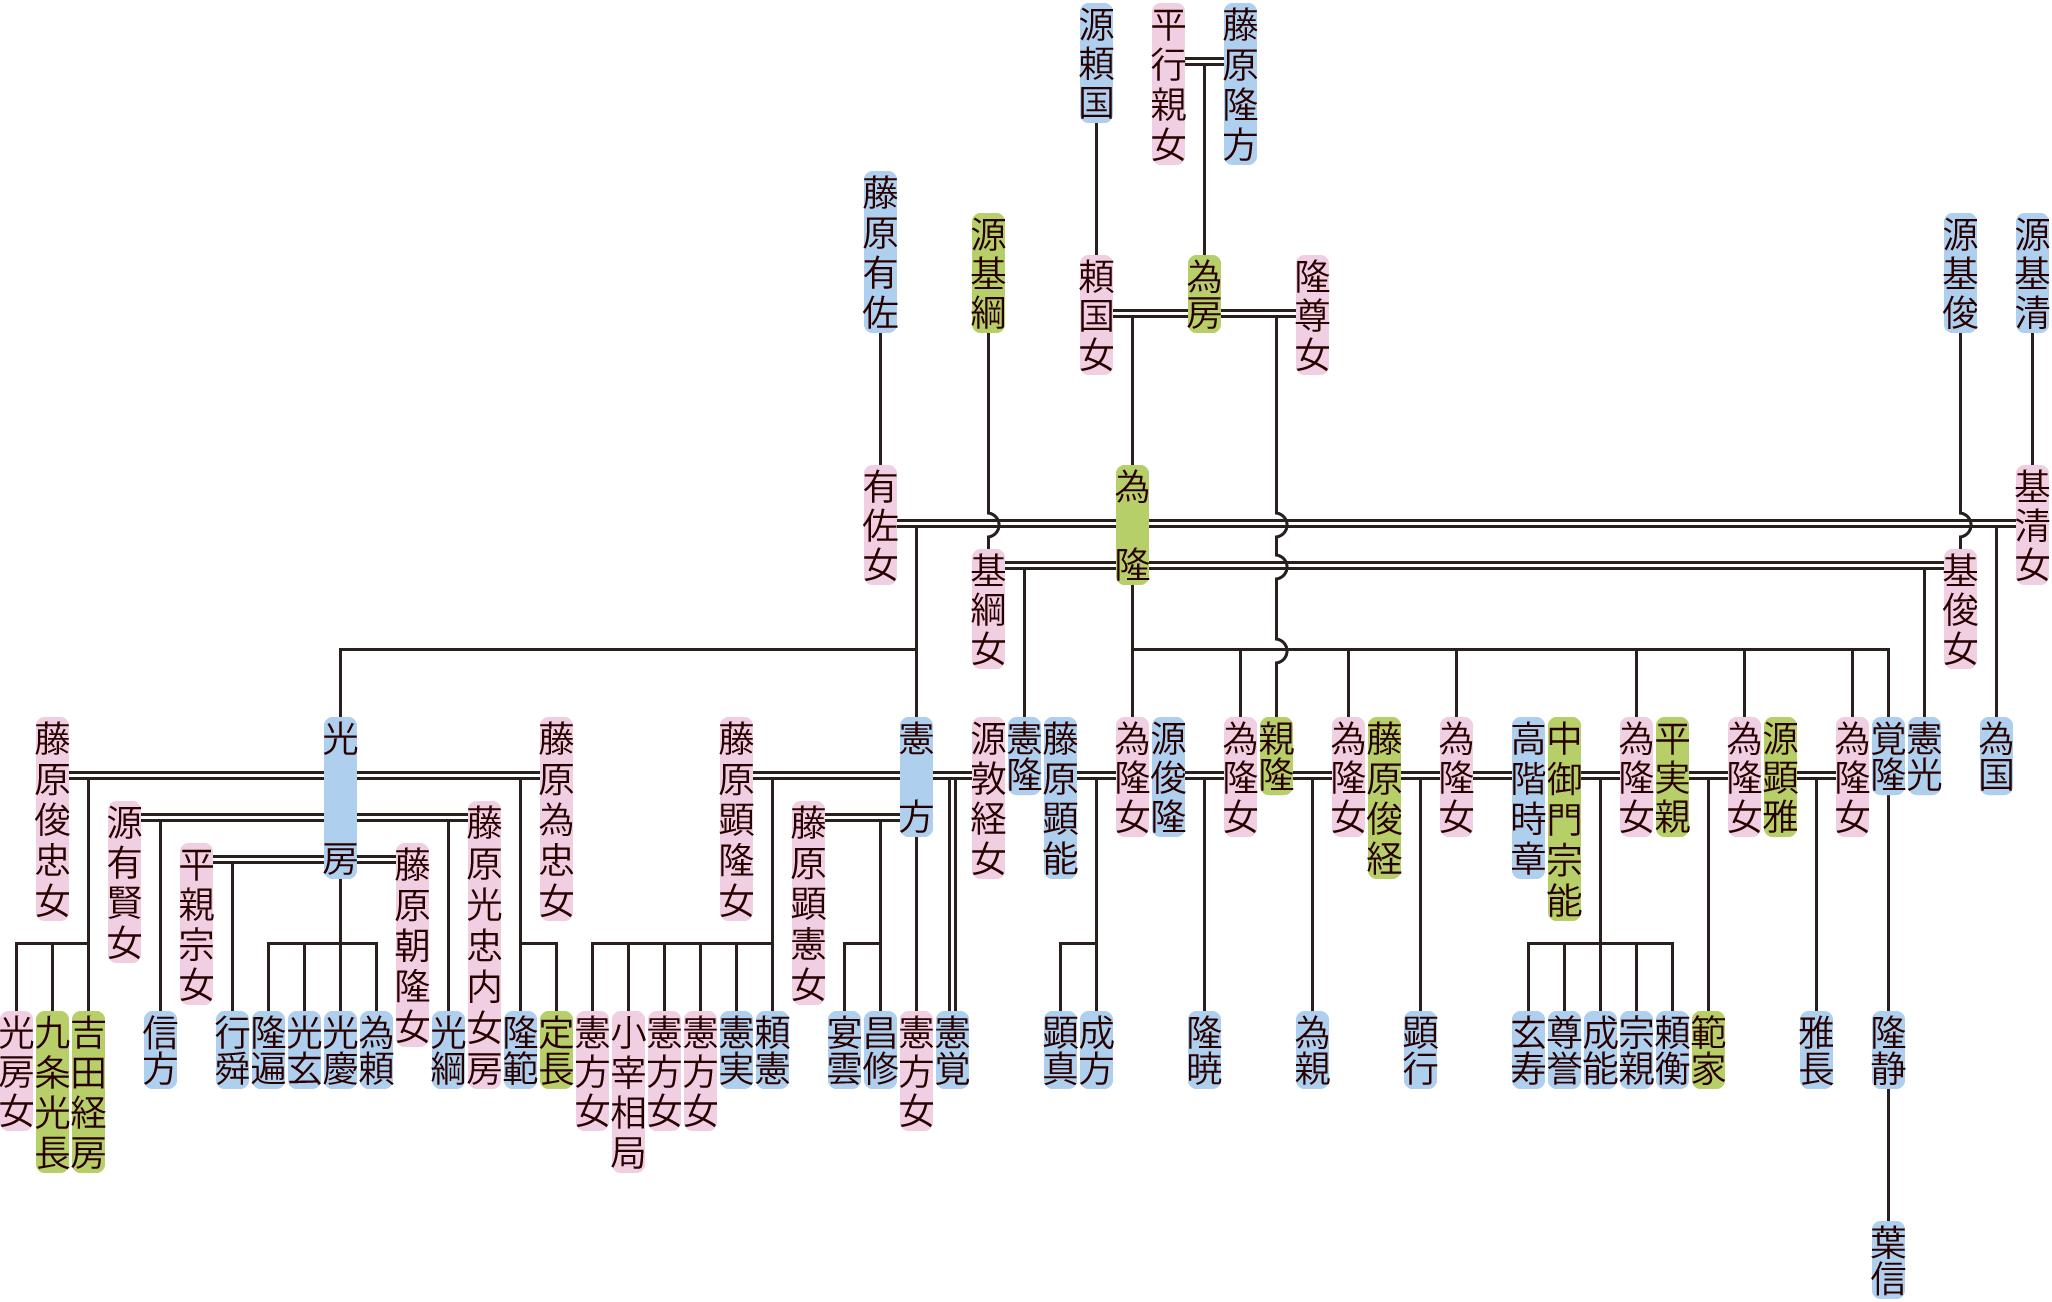 藤原為隆の系図